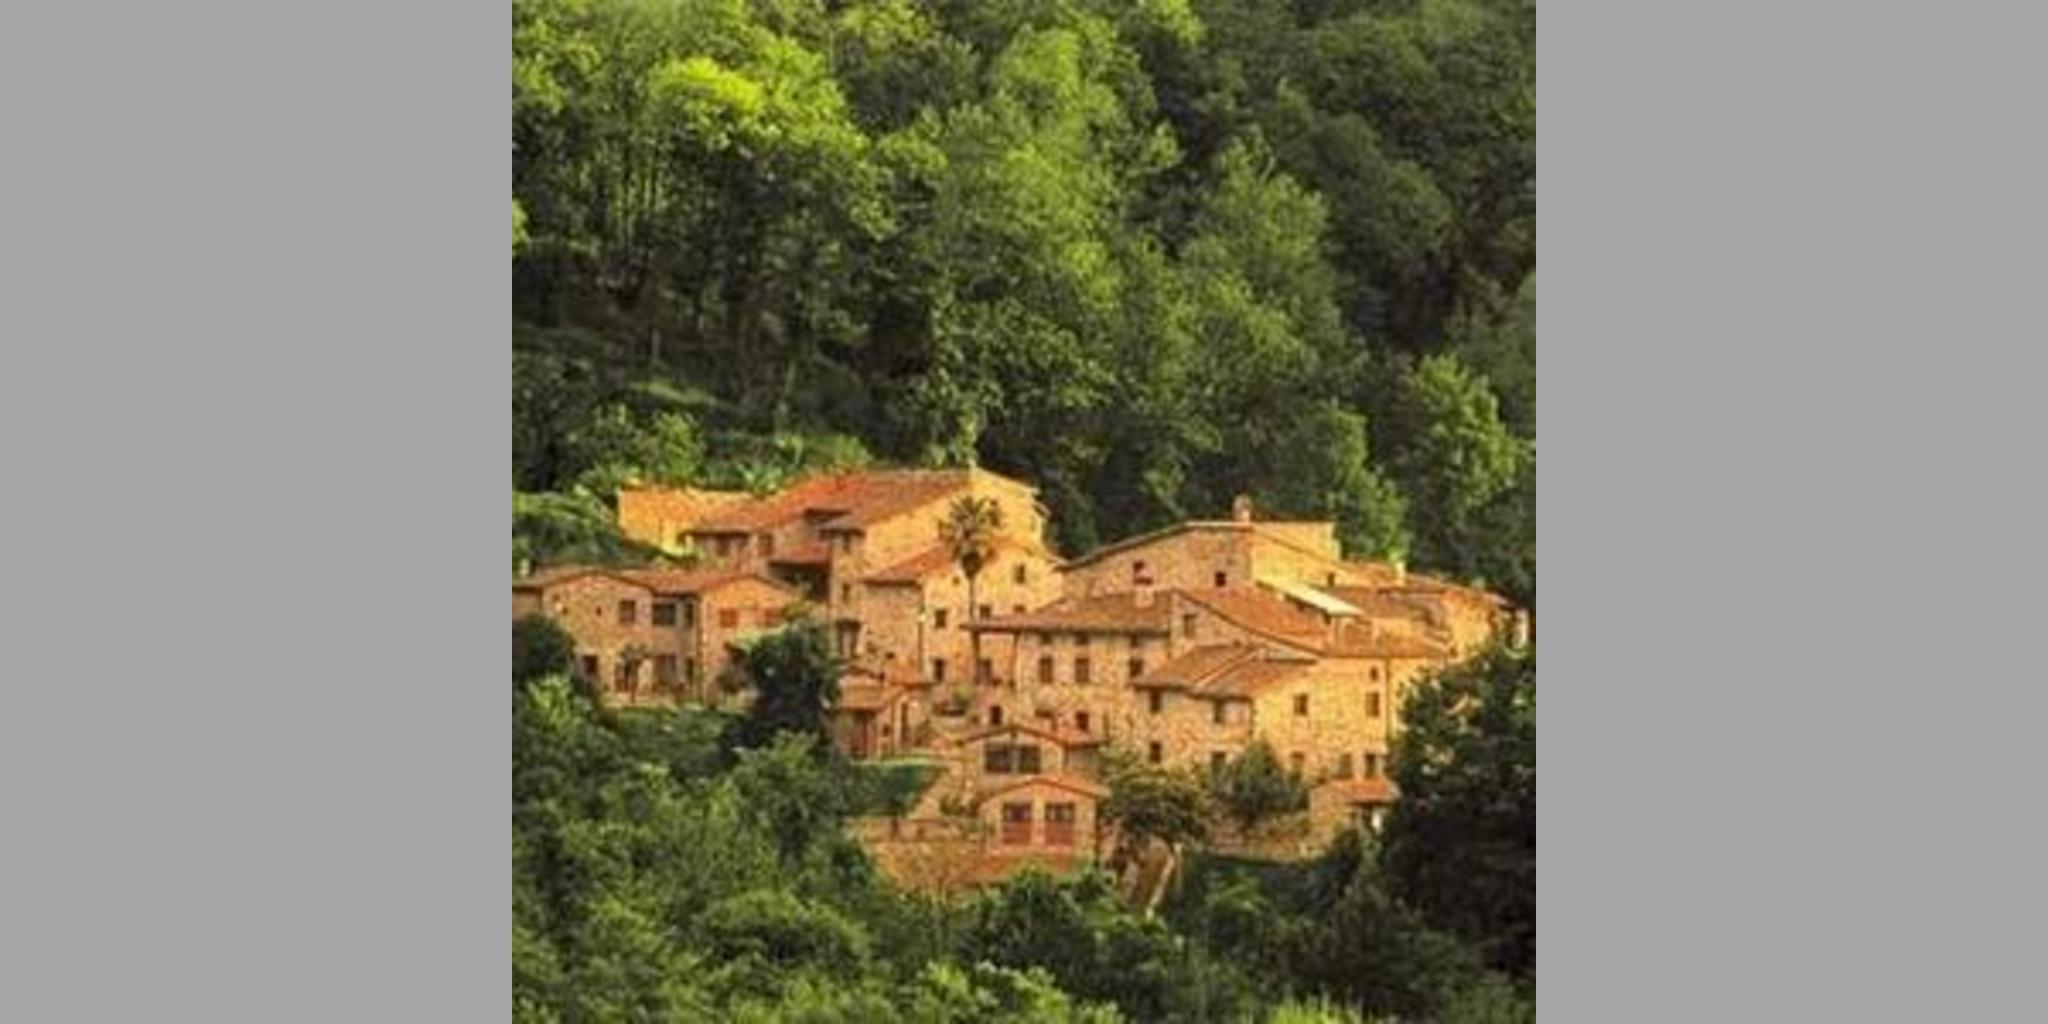 Agriturismo Borgo A Mozzano - Partigliano